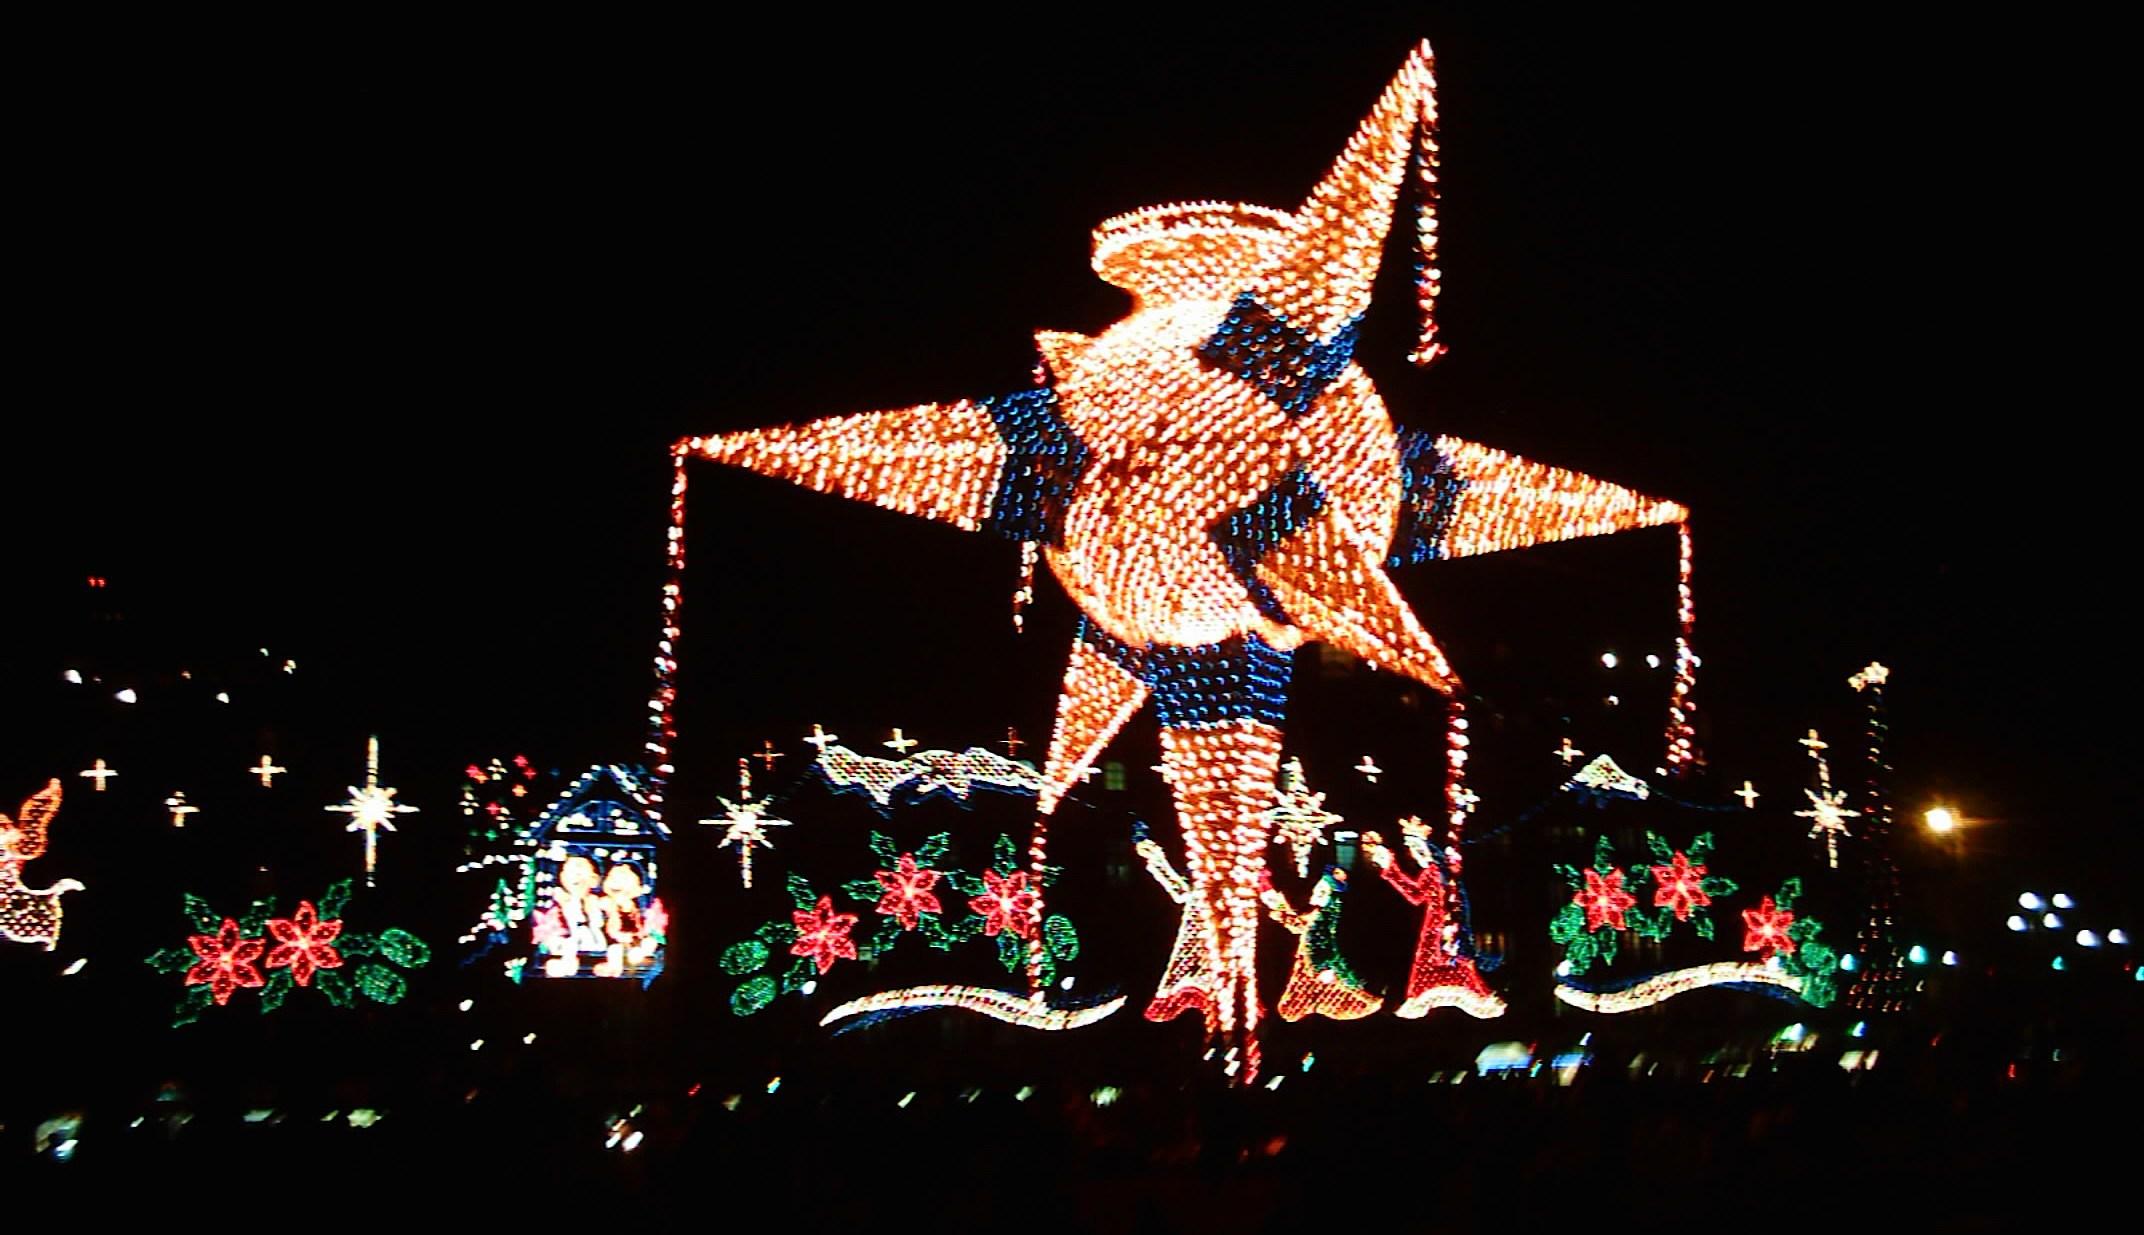 Navidad in mexico